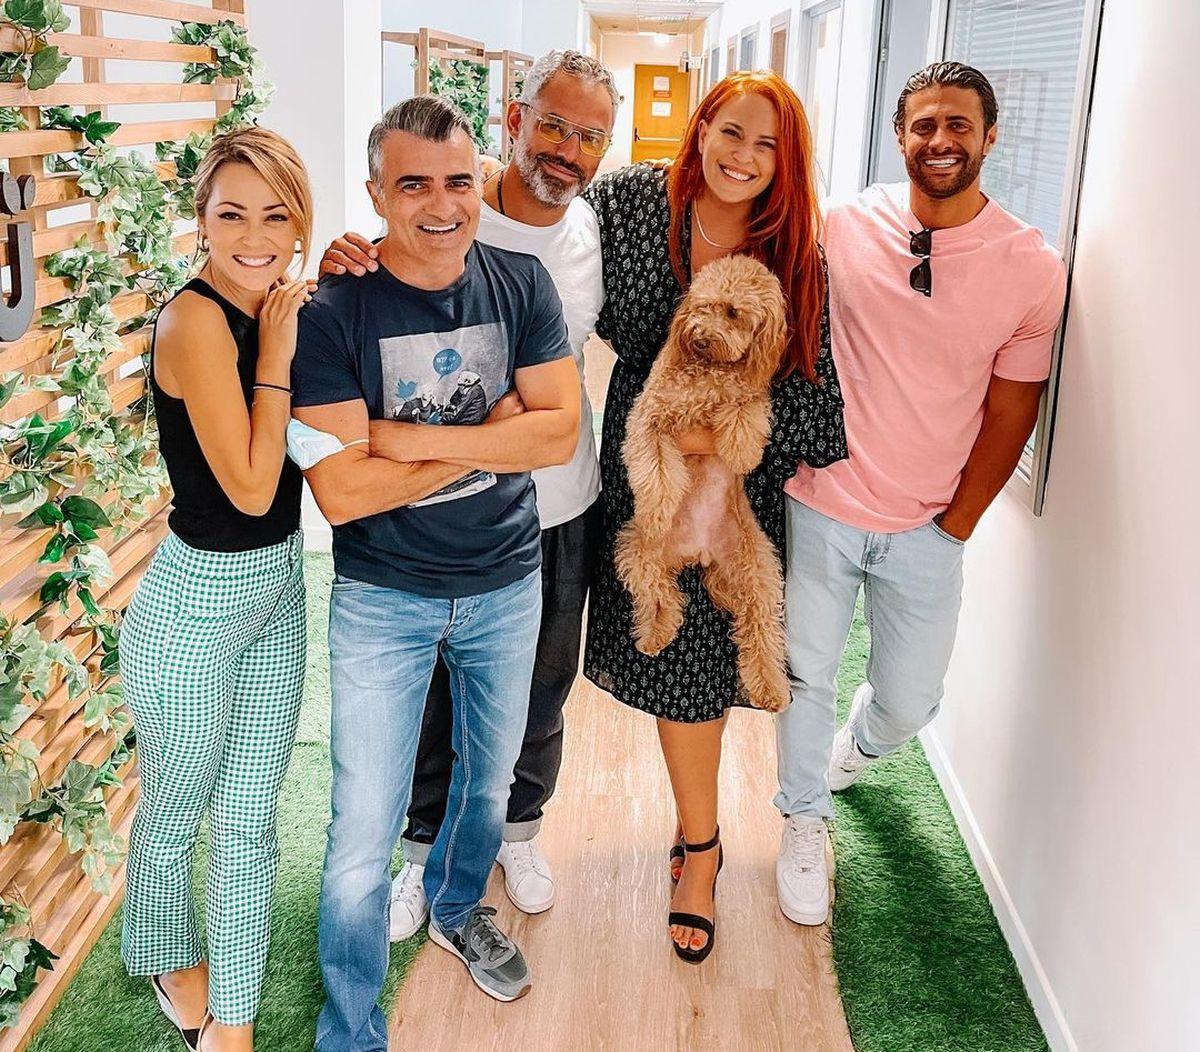 Σίσσυ Χρηστίδου: το νέο τρέιλερ της εκπομπής «Χαμογέλα και πάλι»